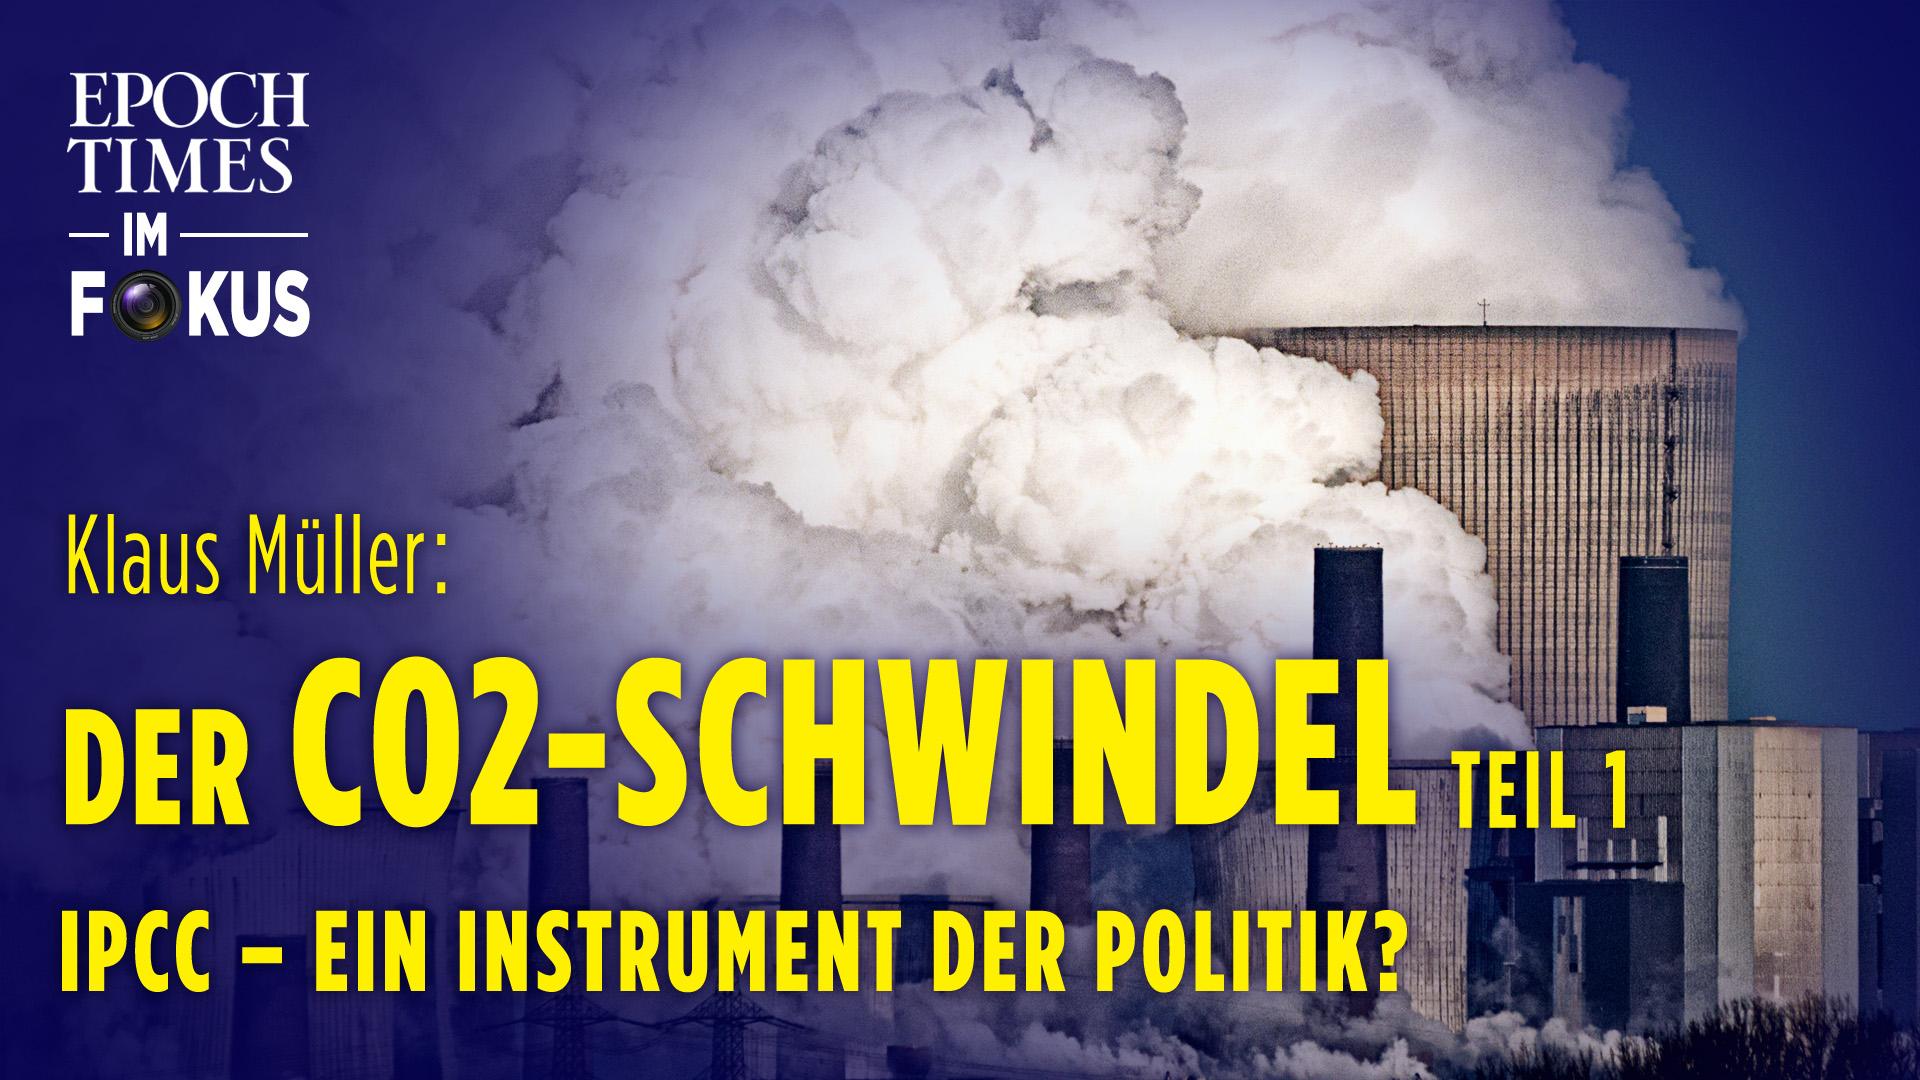 Der CO2-Schwindel (I): Das UN-Gremium IPCC ist ein politisches Gremium und kein wissenschaftliches |ET im Fokus